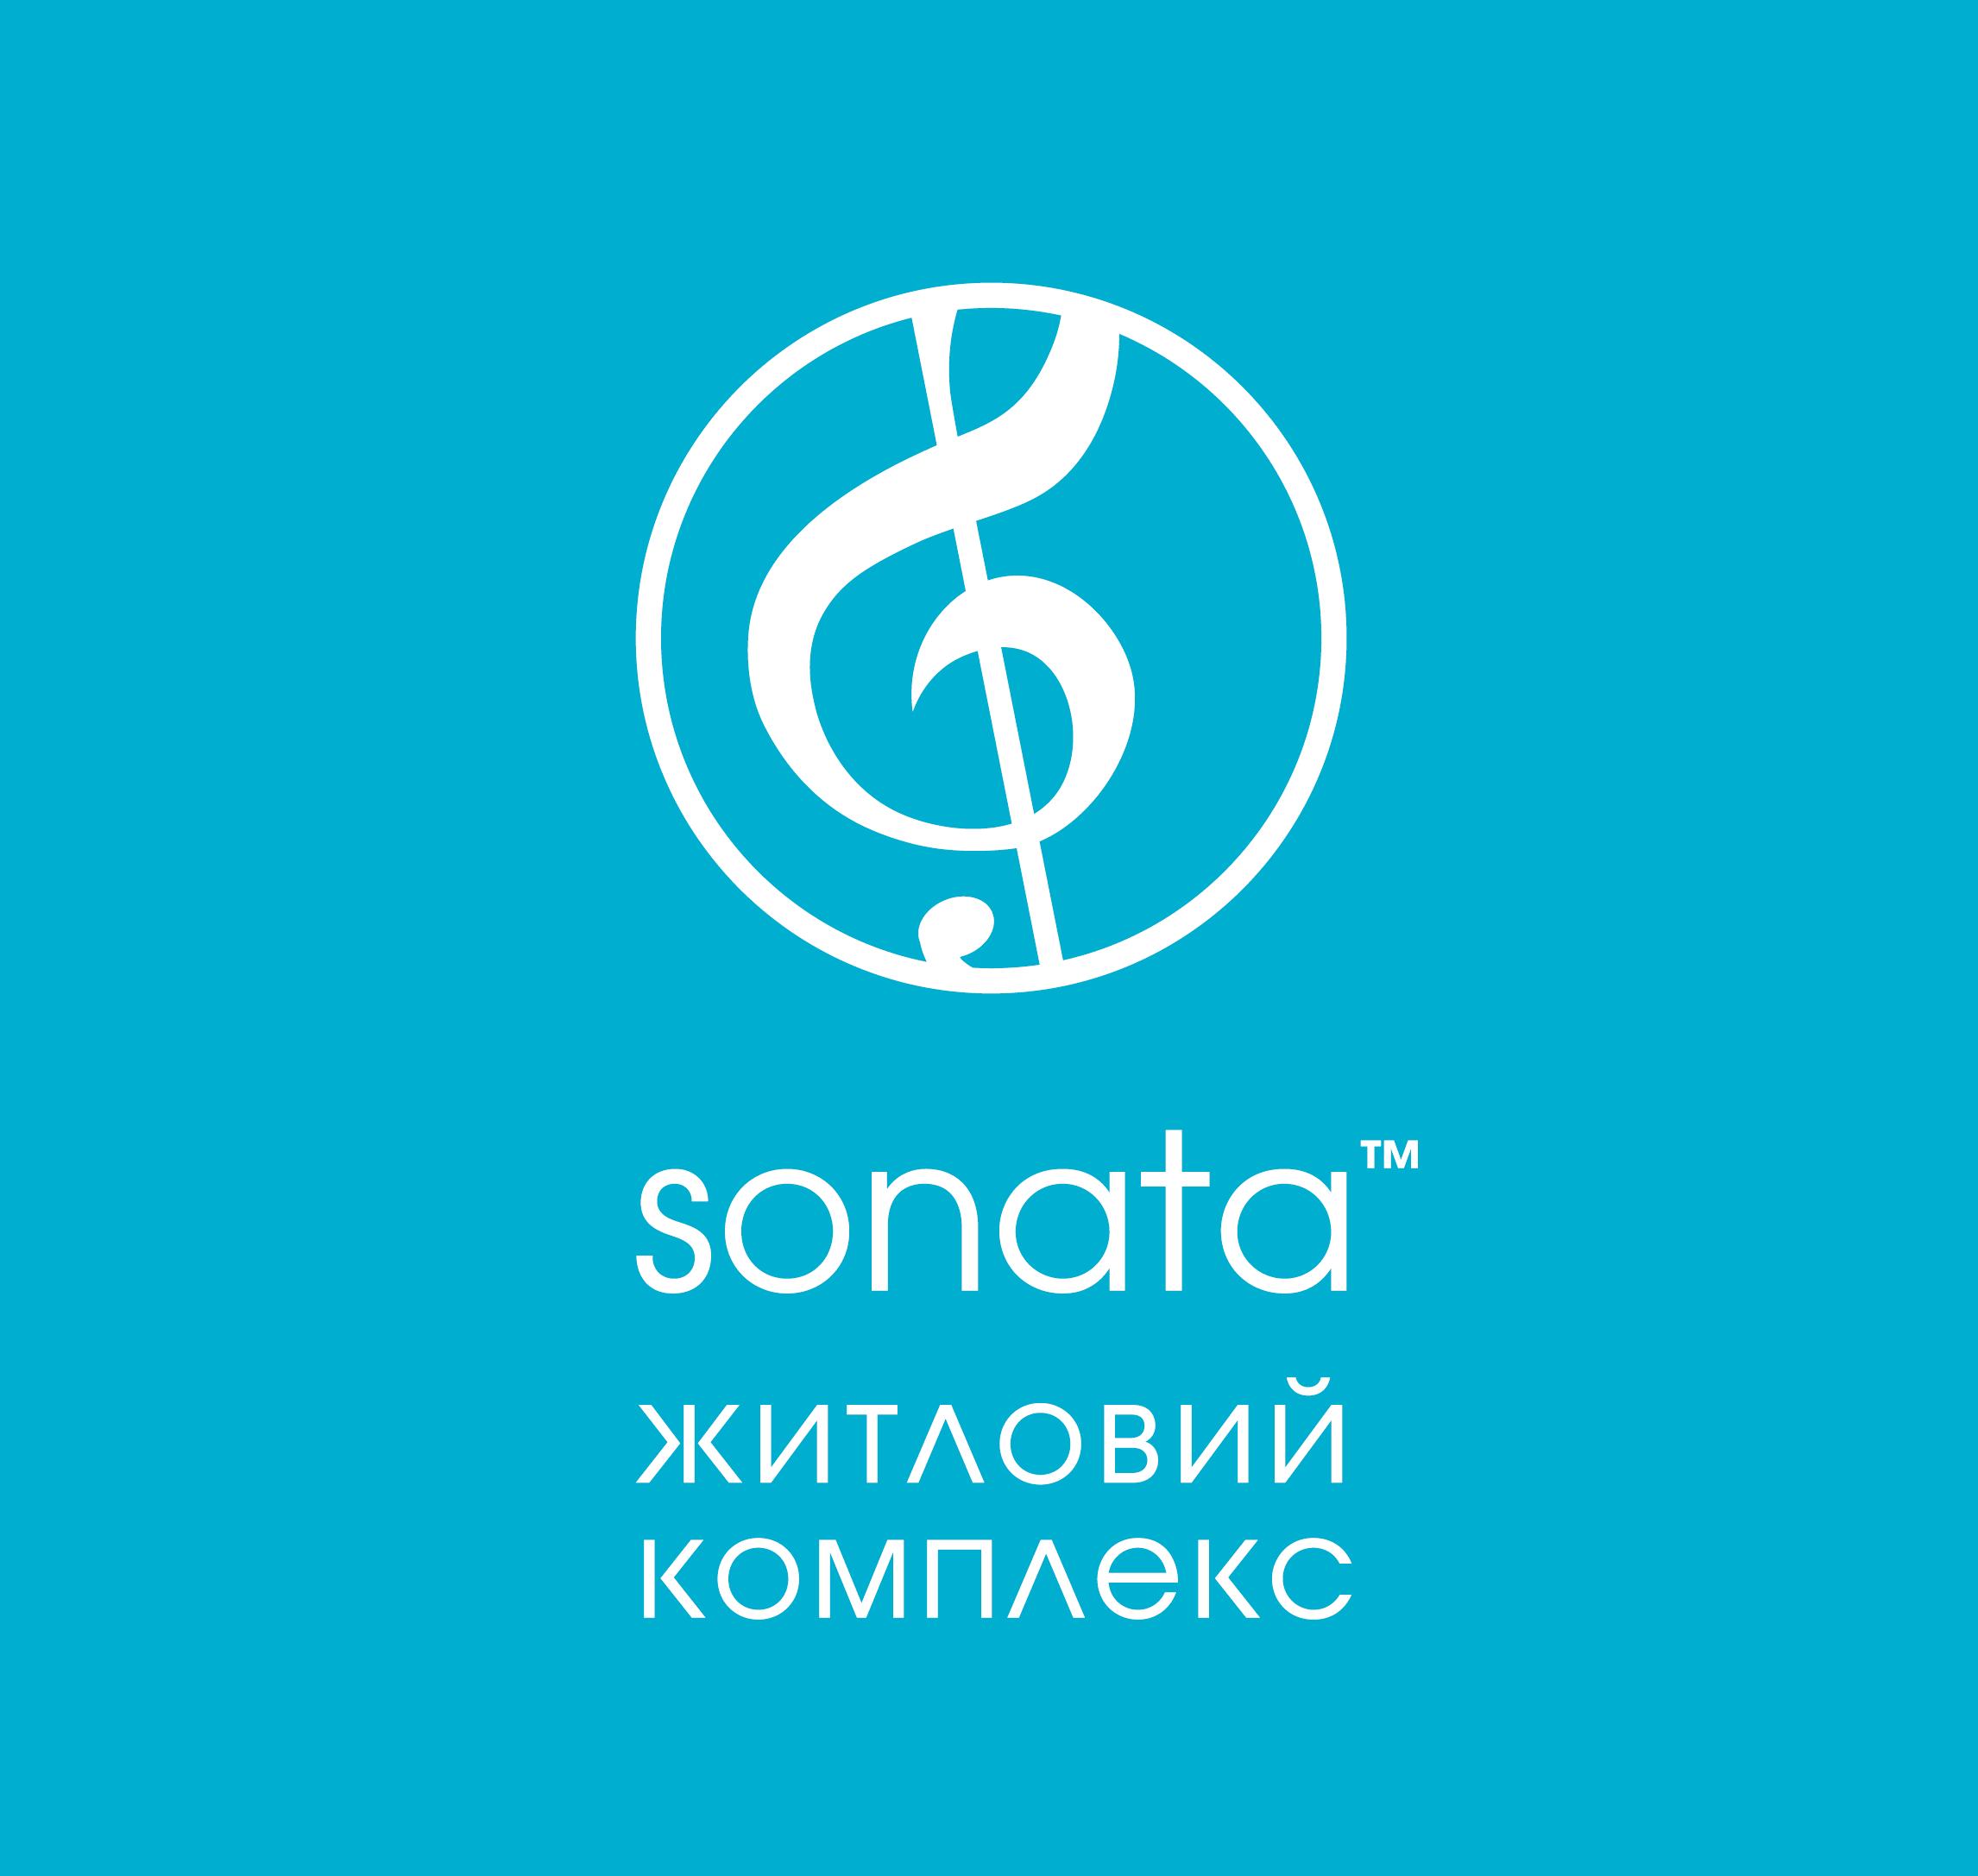 ЖК Sonata